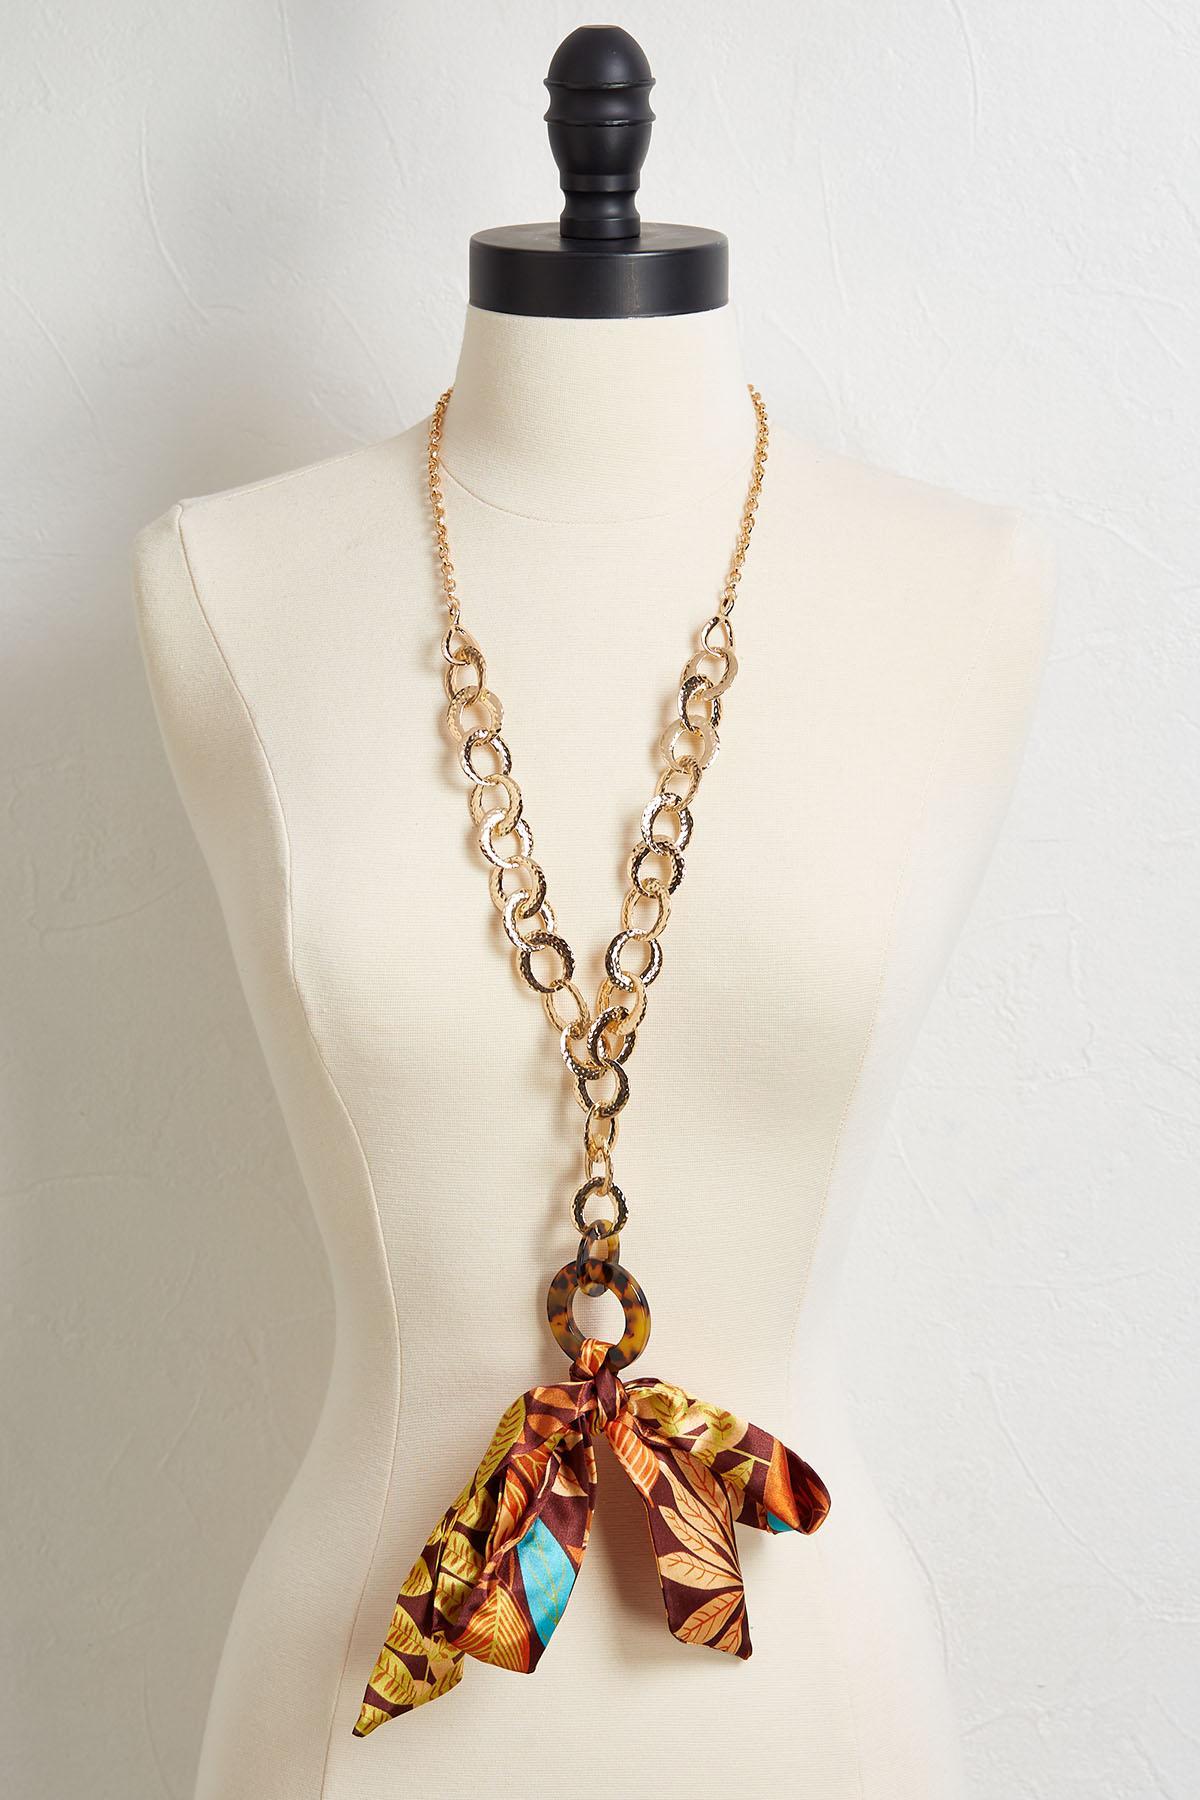 Scarf Embellished Necklace